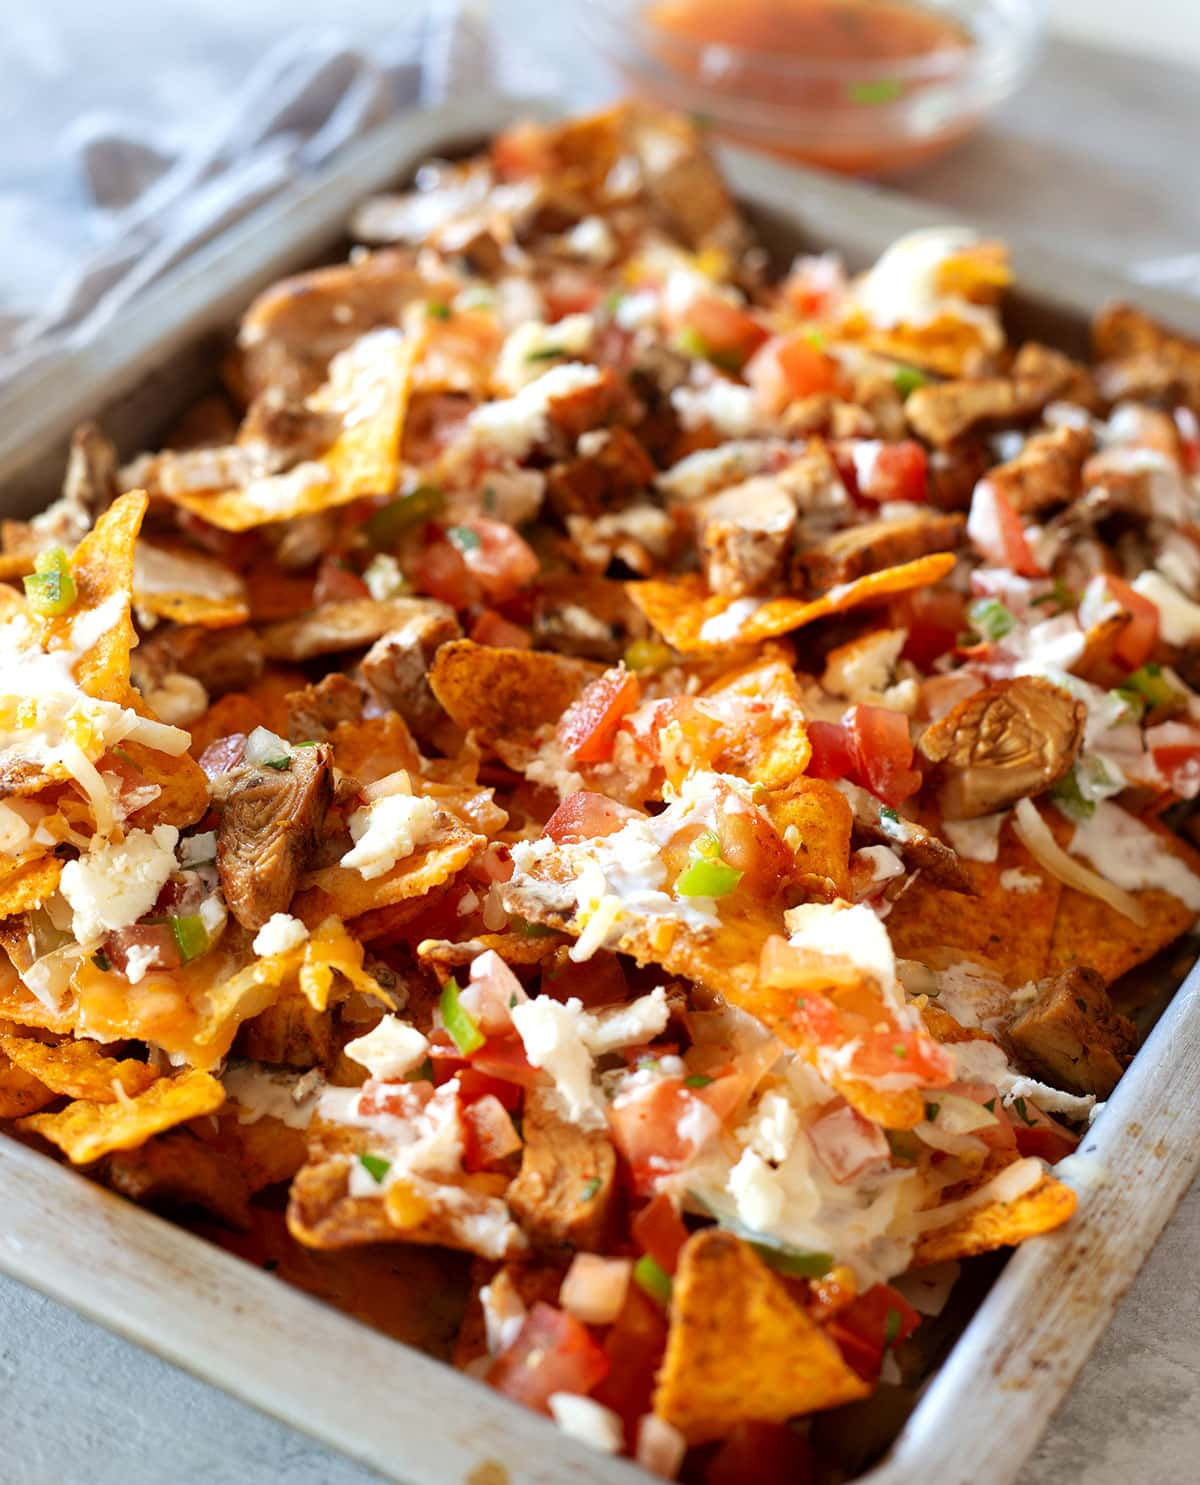 Loaded Doritos nachos.